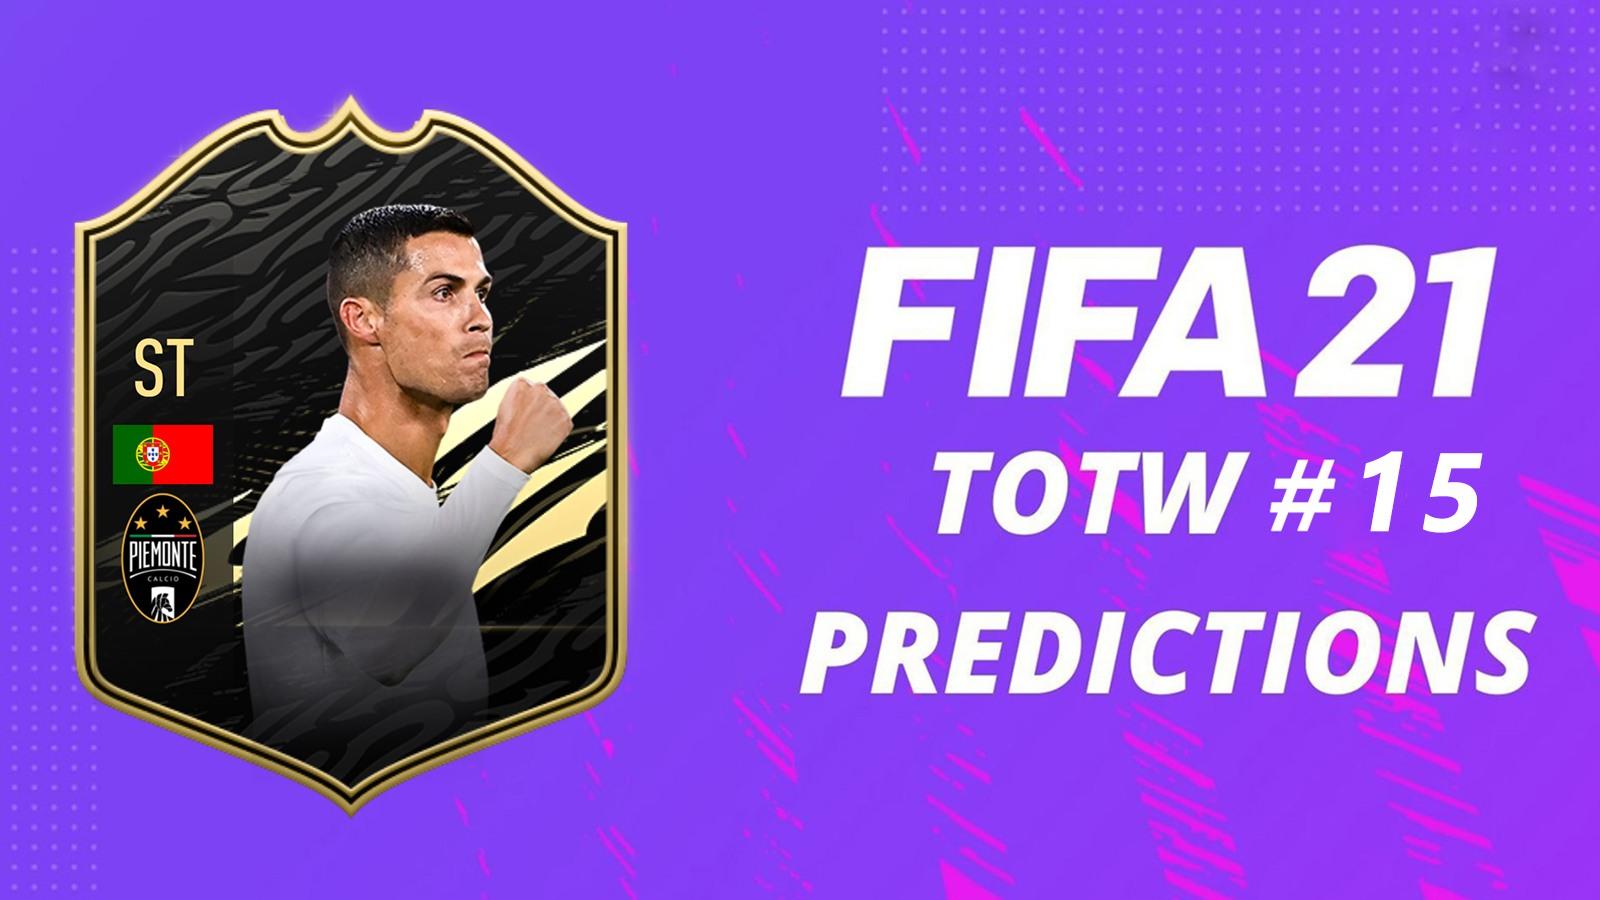 Prédictions TOTW 15 FIFA 21